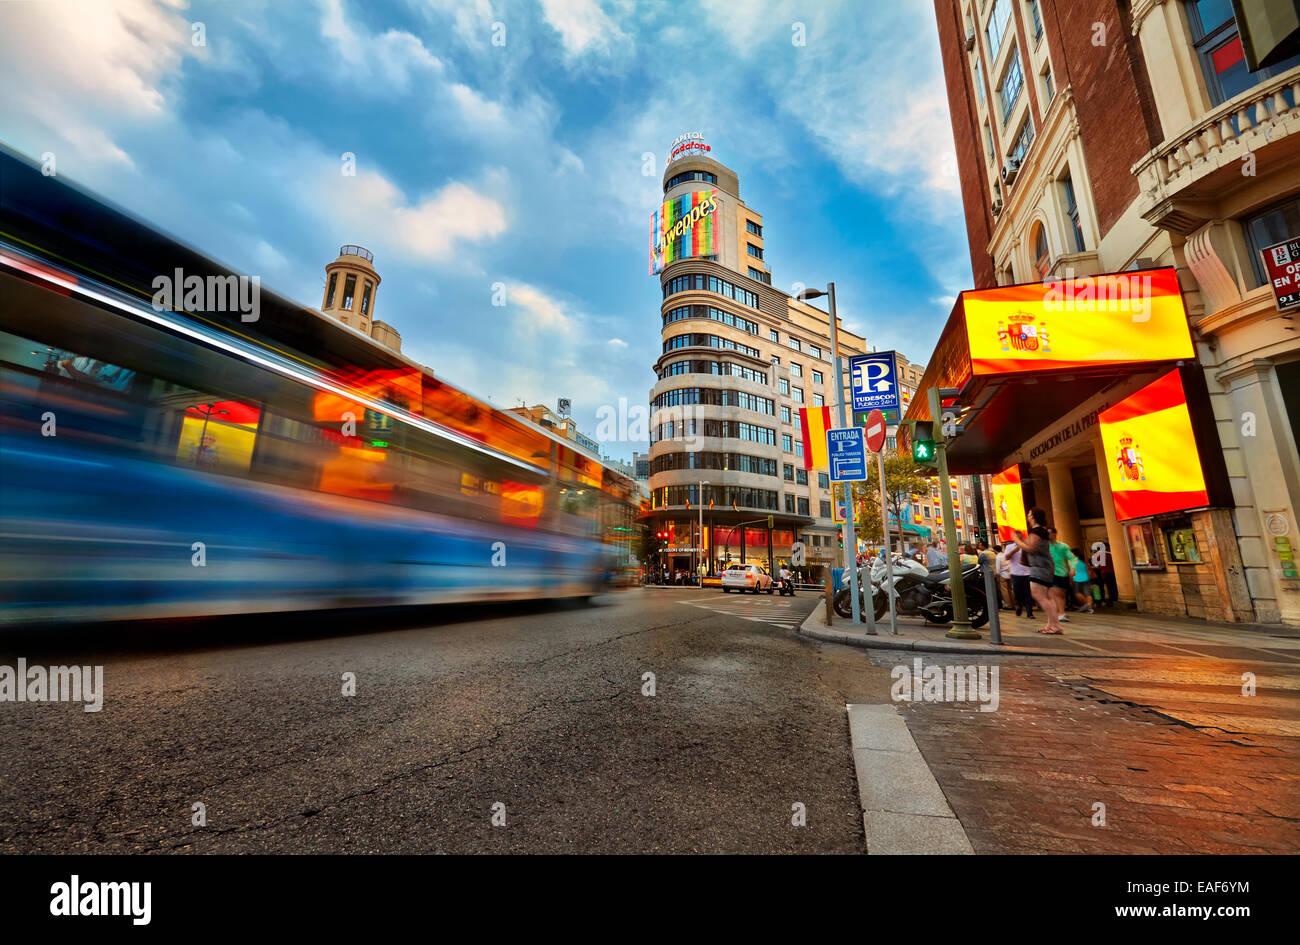 Traffico e insegne luminose in Gran Via street nella zona di intersezione con piazza Callao. Madrid. Spagna Immagini Stock